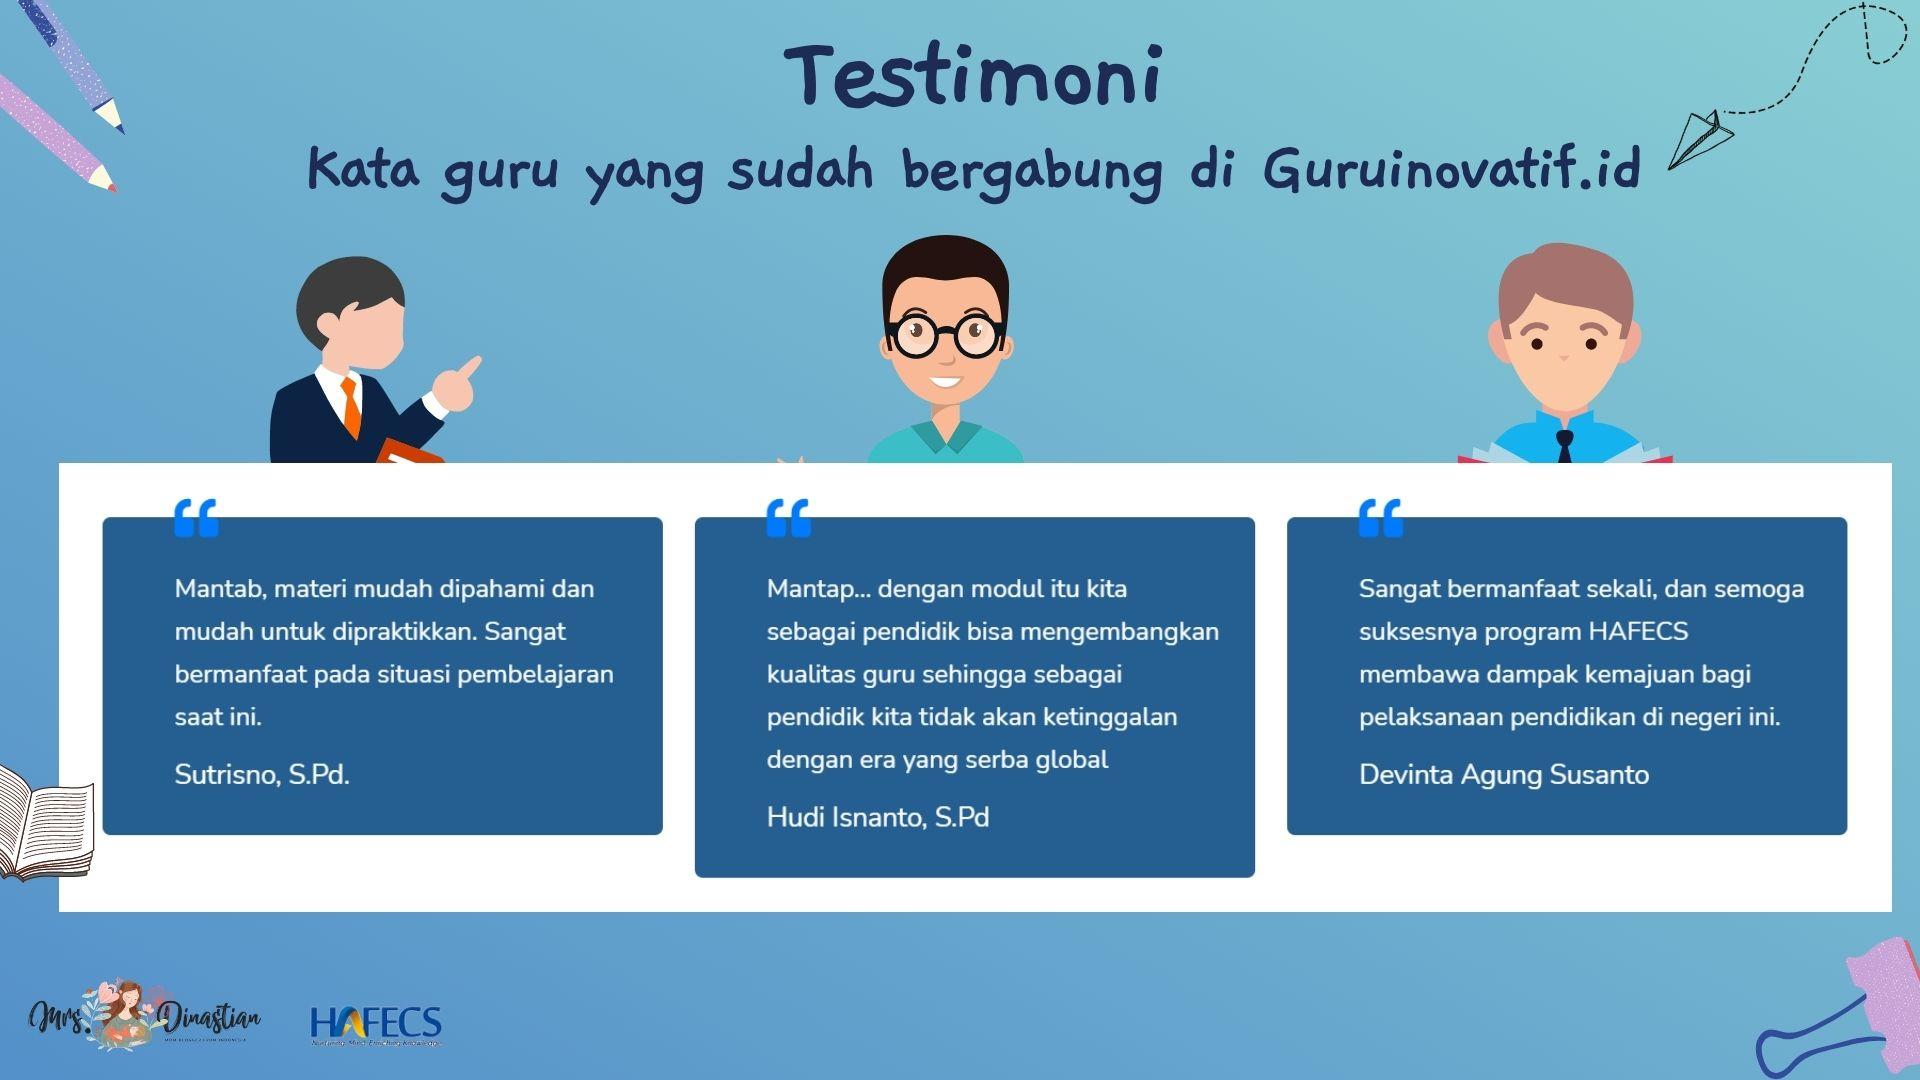 Testimoni Guruinovatif.id